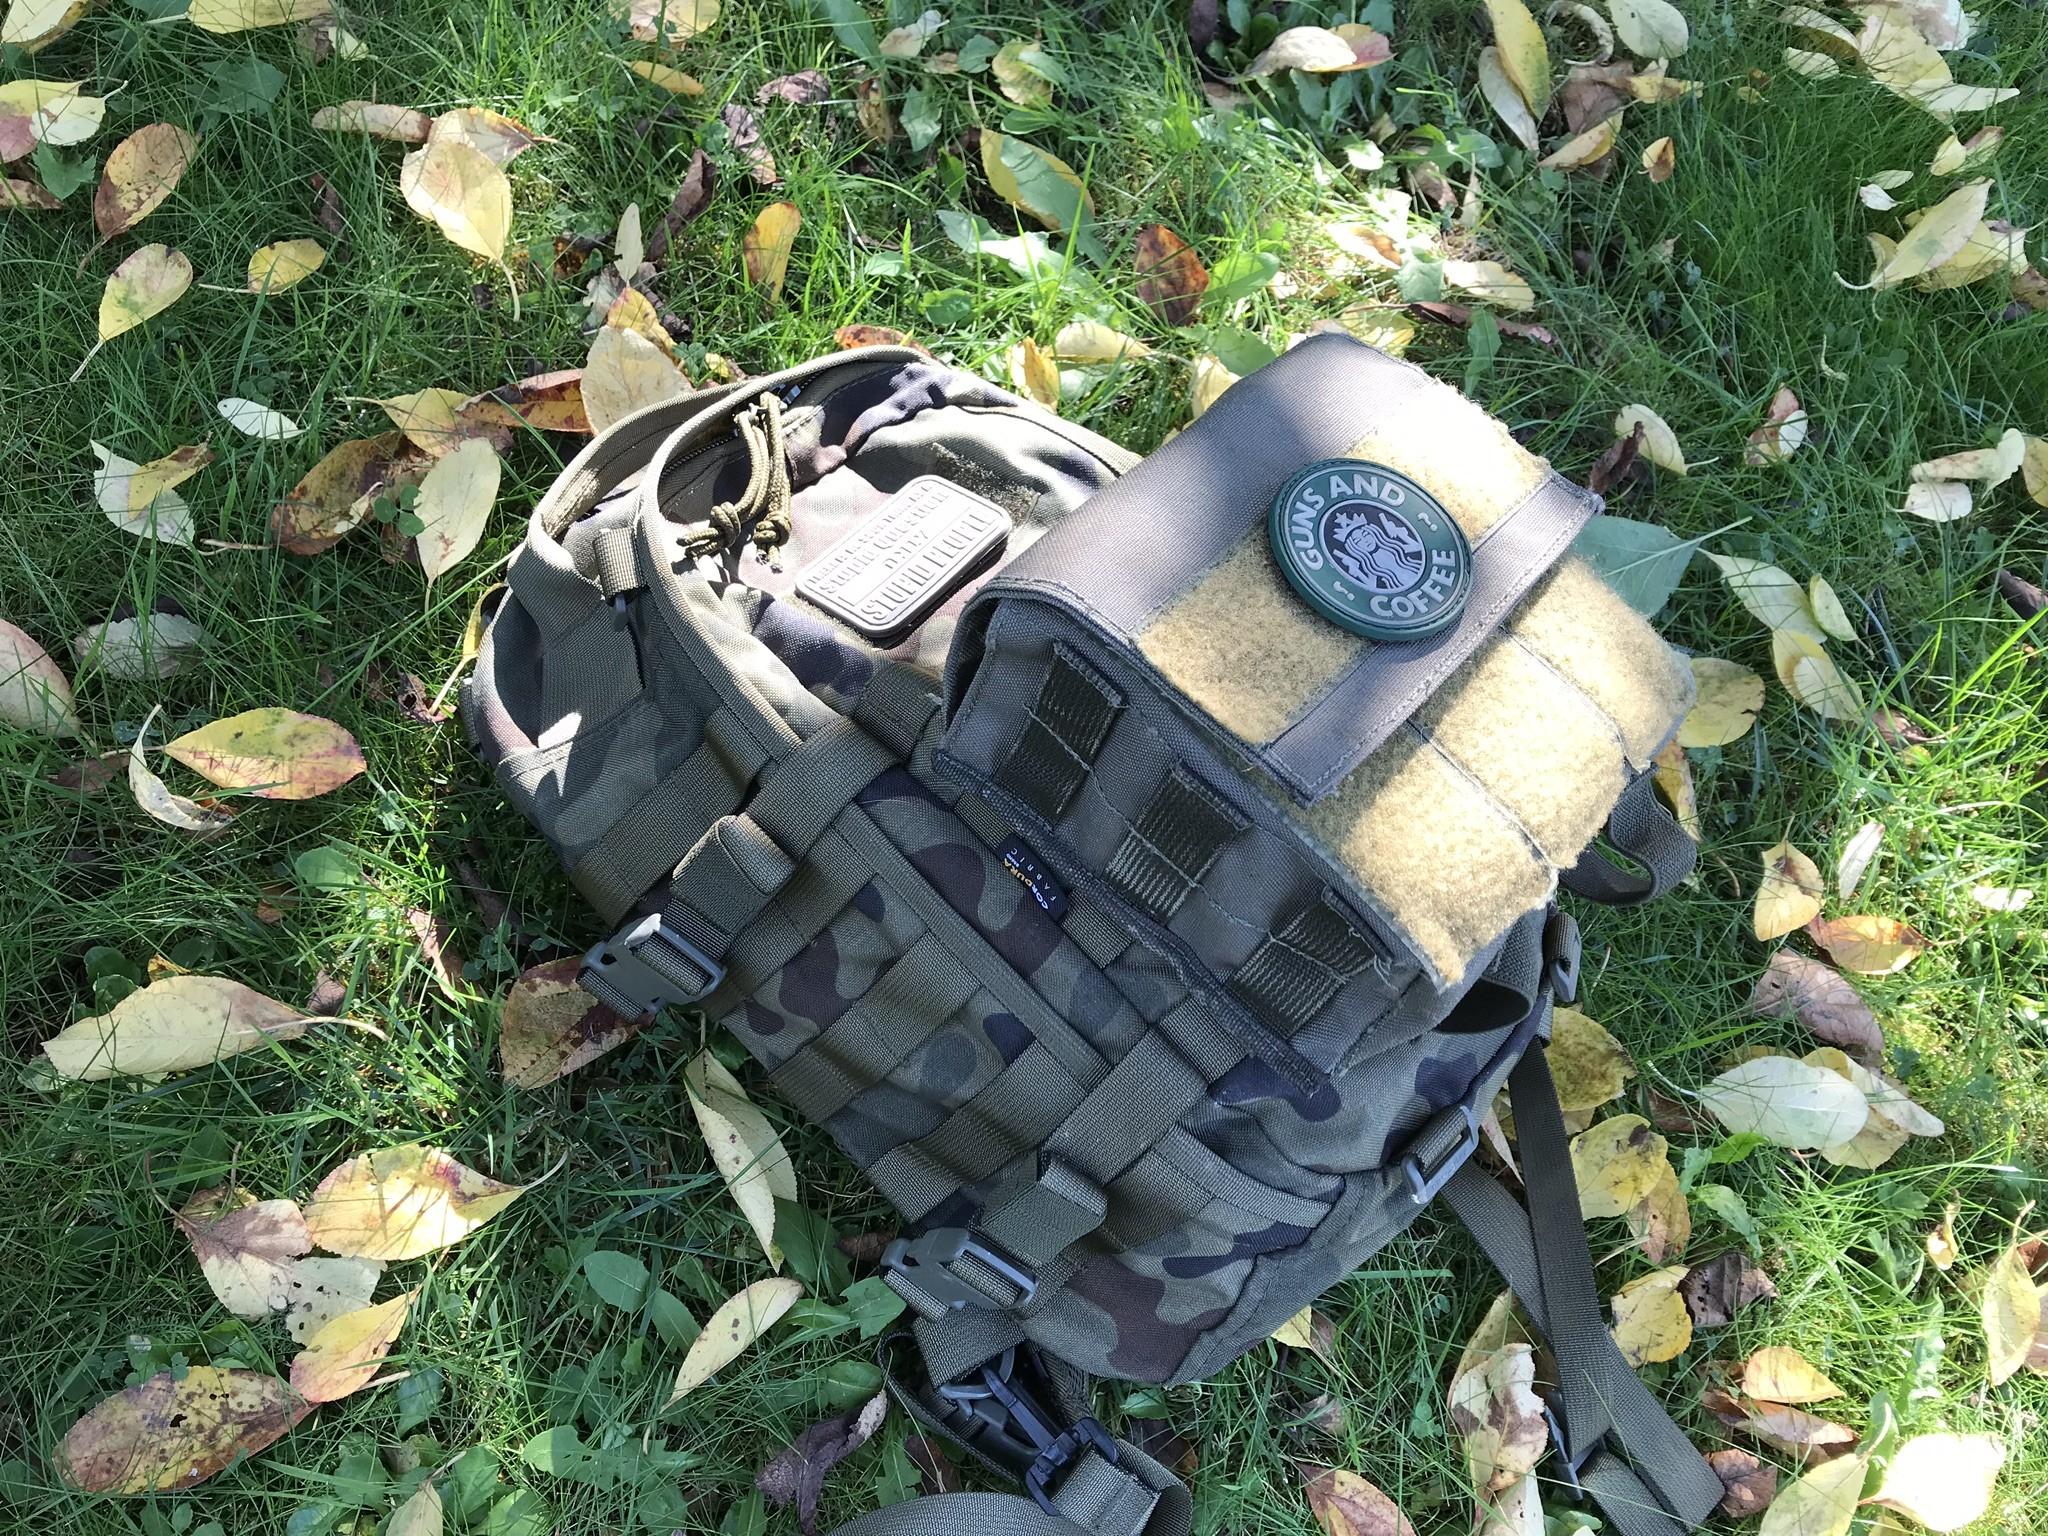 plecak taktyczny sparrow na trawie